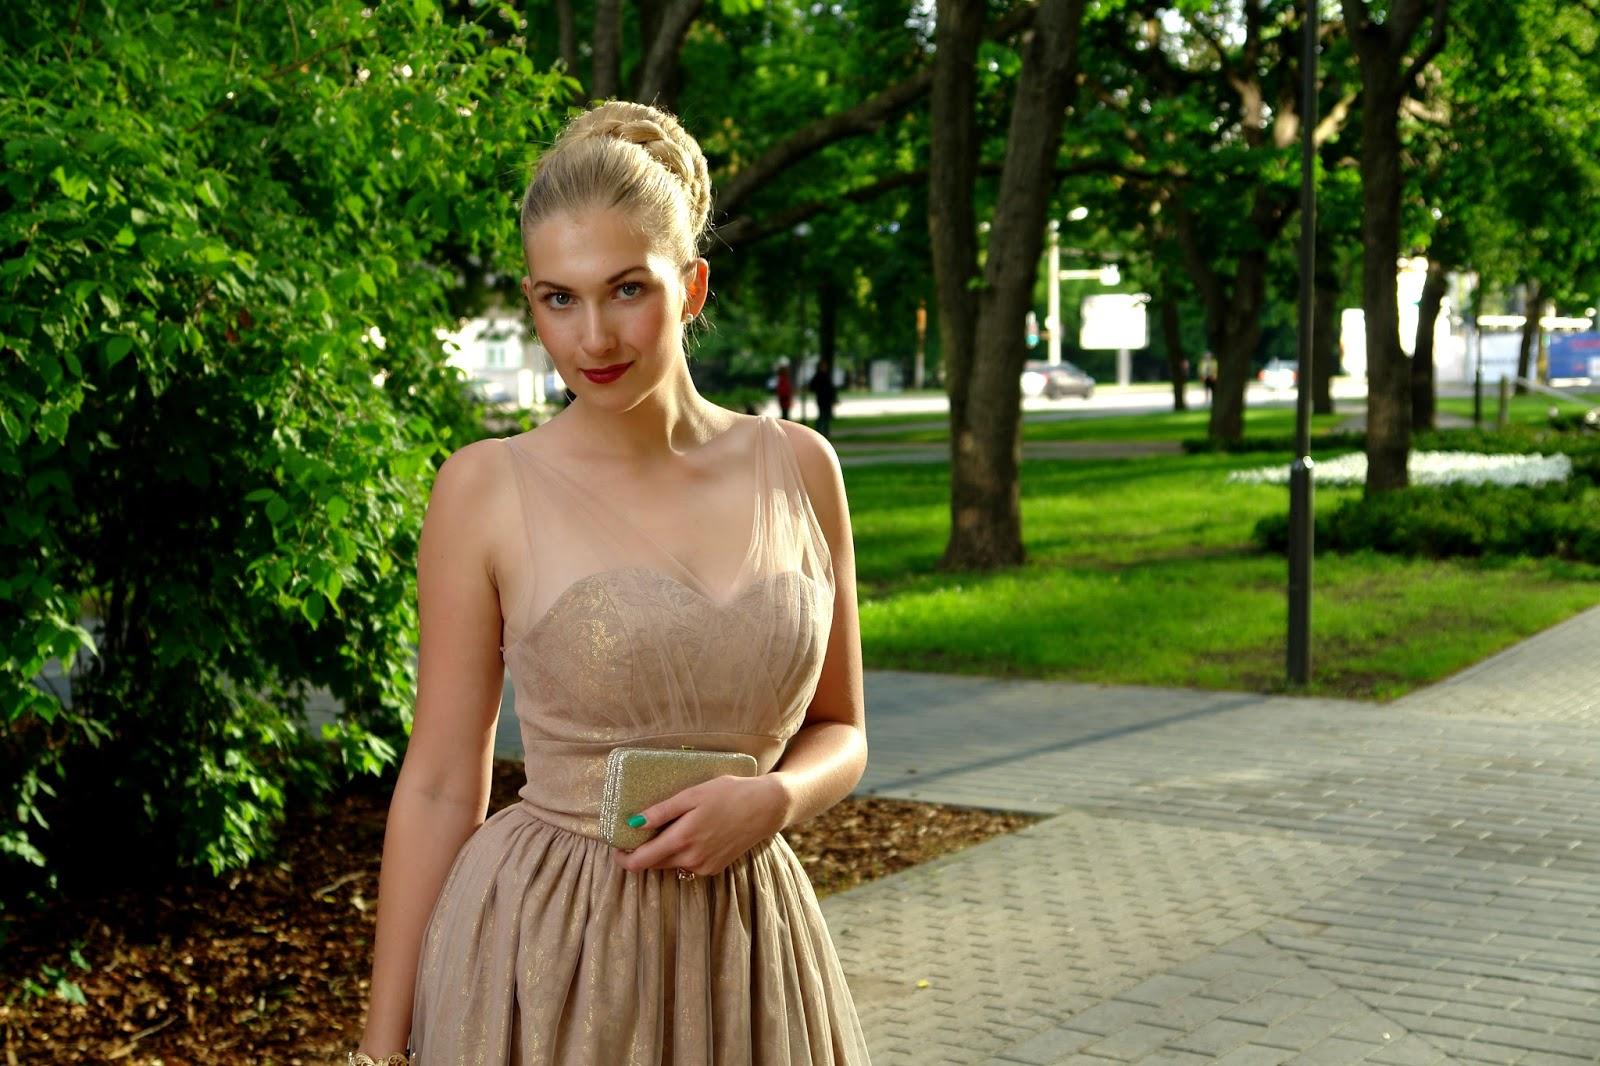 BLOGIJATE ILUÕHTU! Moeblogija Emilia Elizabeth: tänu blogile olen saanud võimaluse piiluda moe- ja ilumaailma telgitagustesse